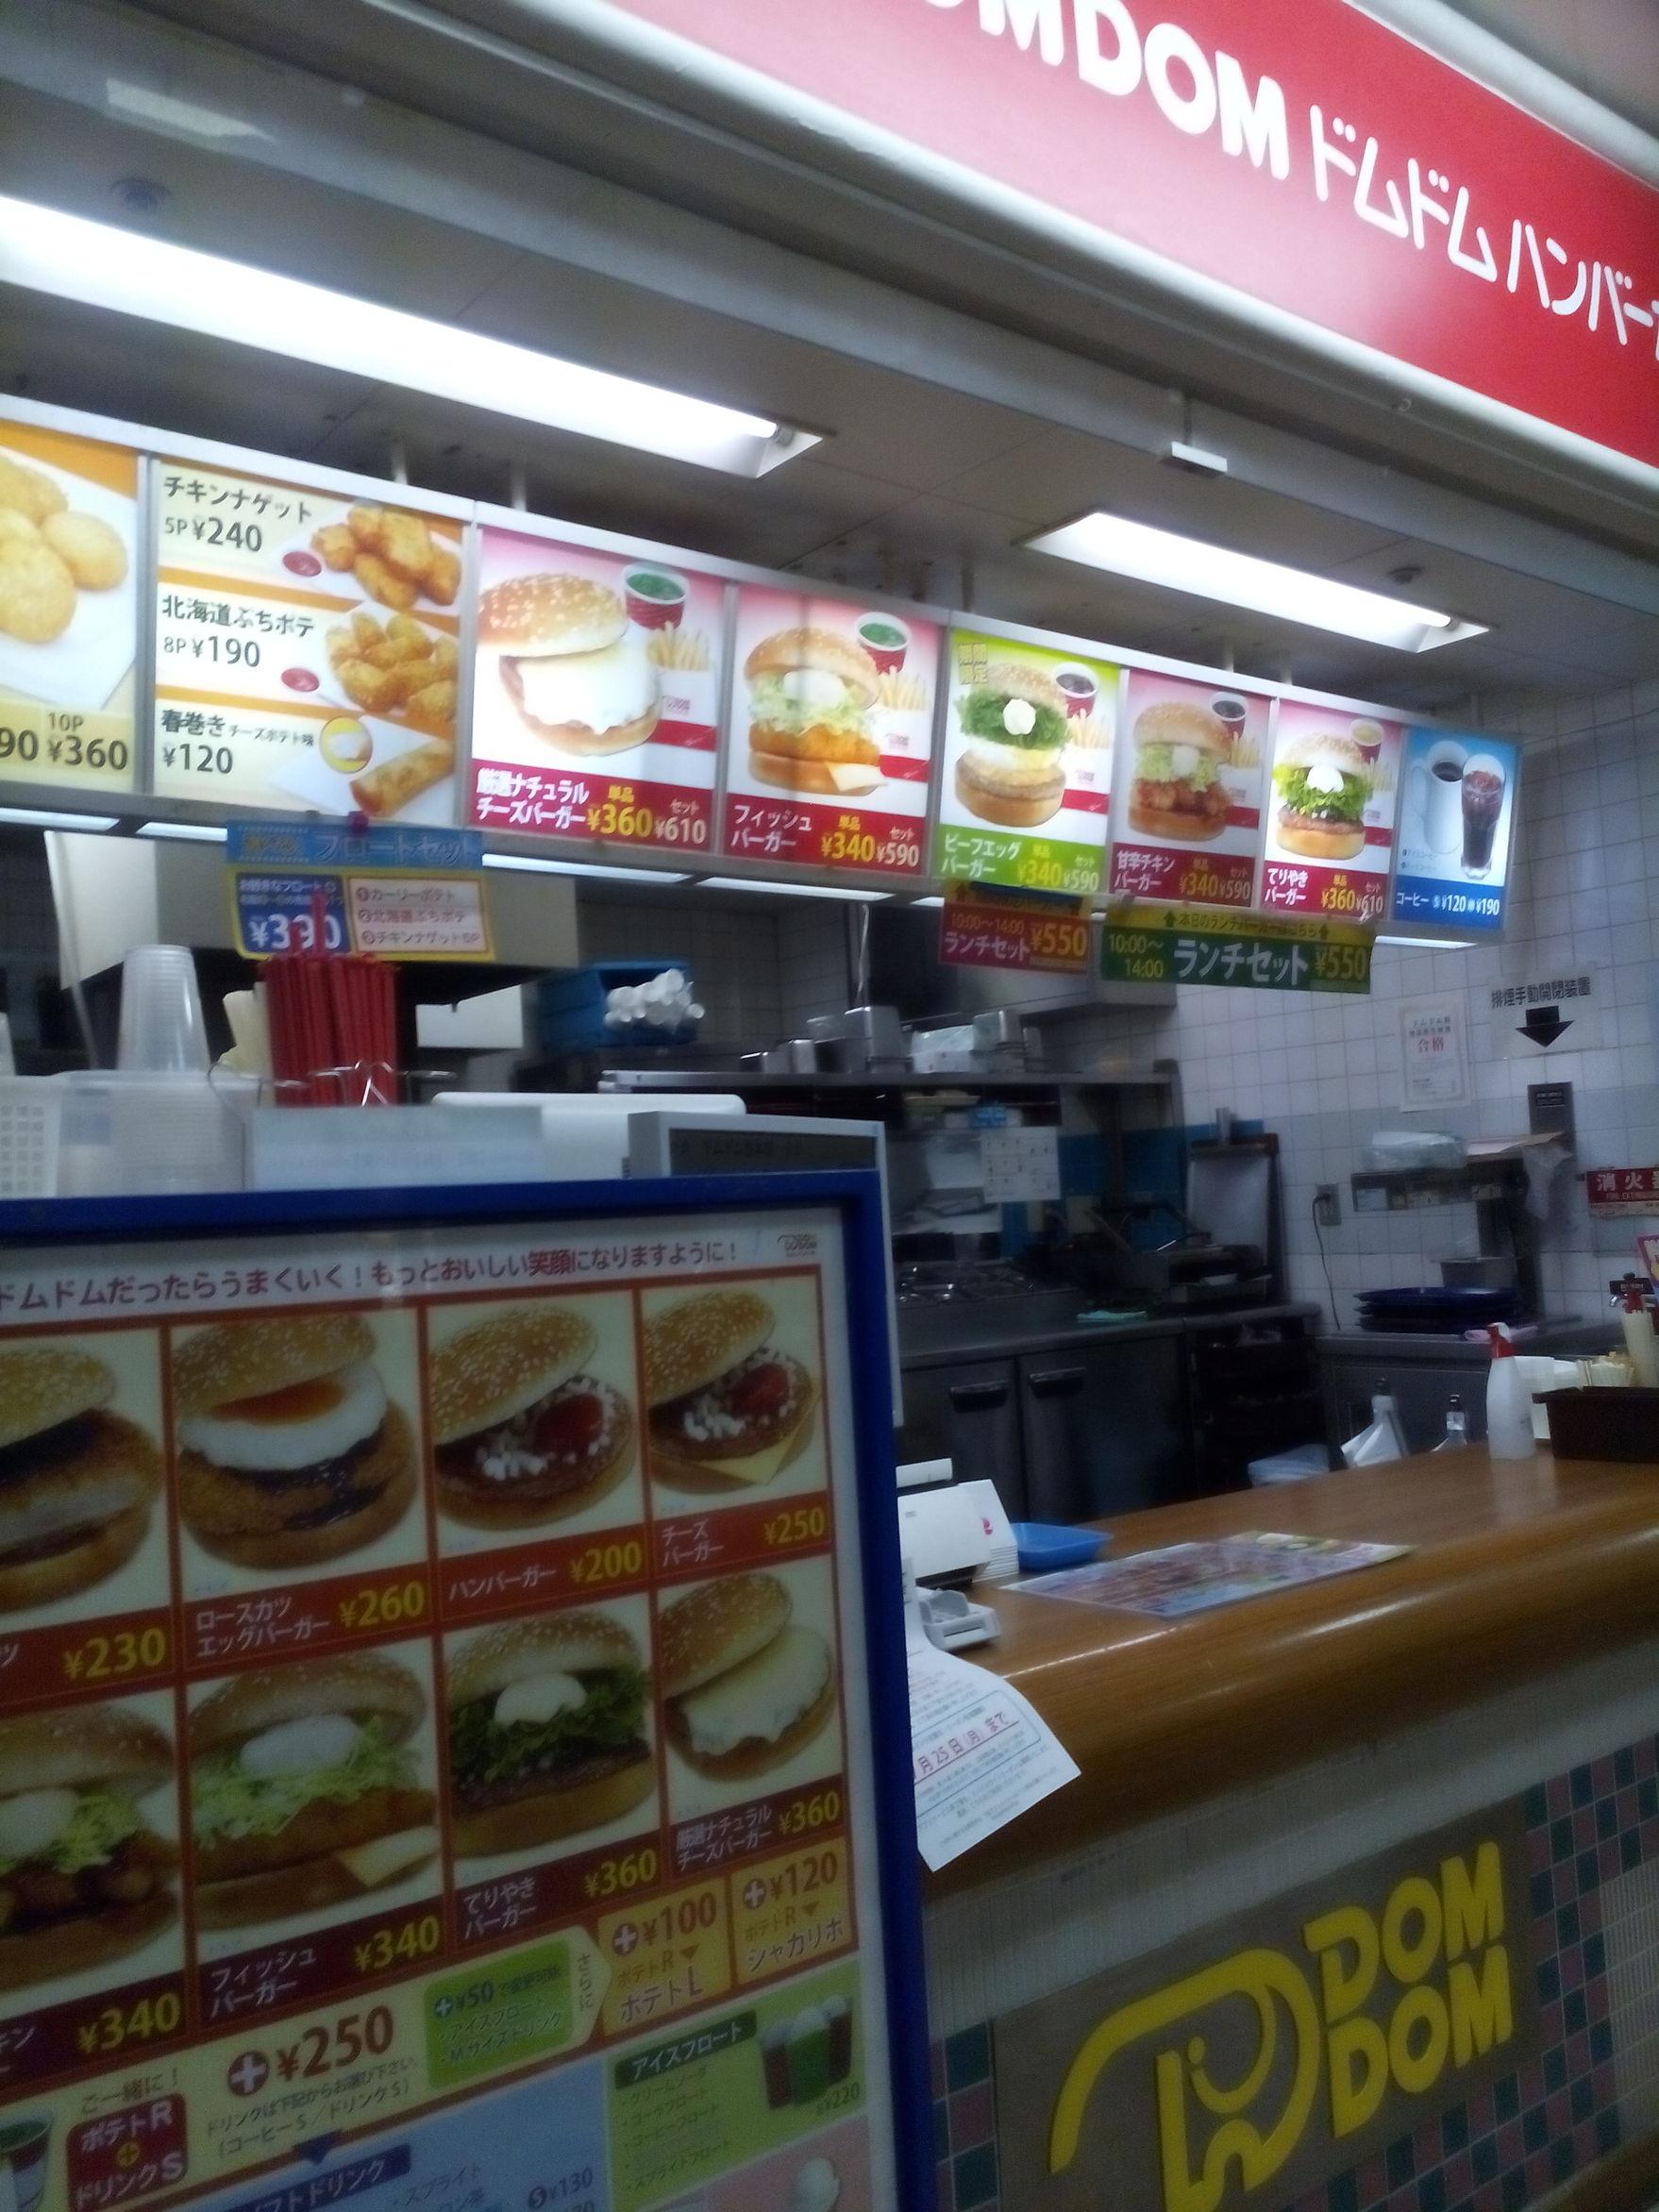 ドムドムハンバーガー 熊本店